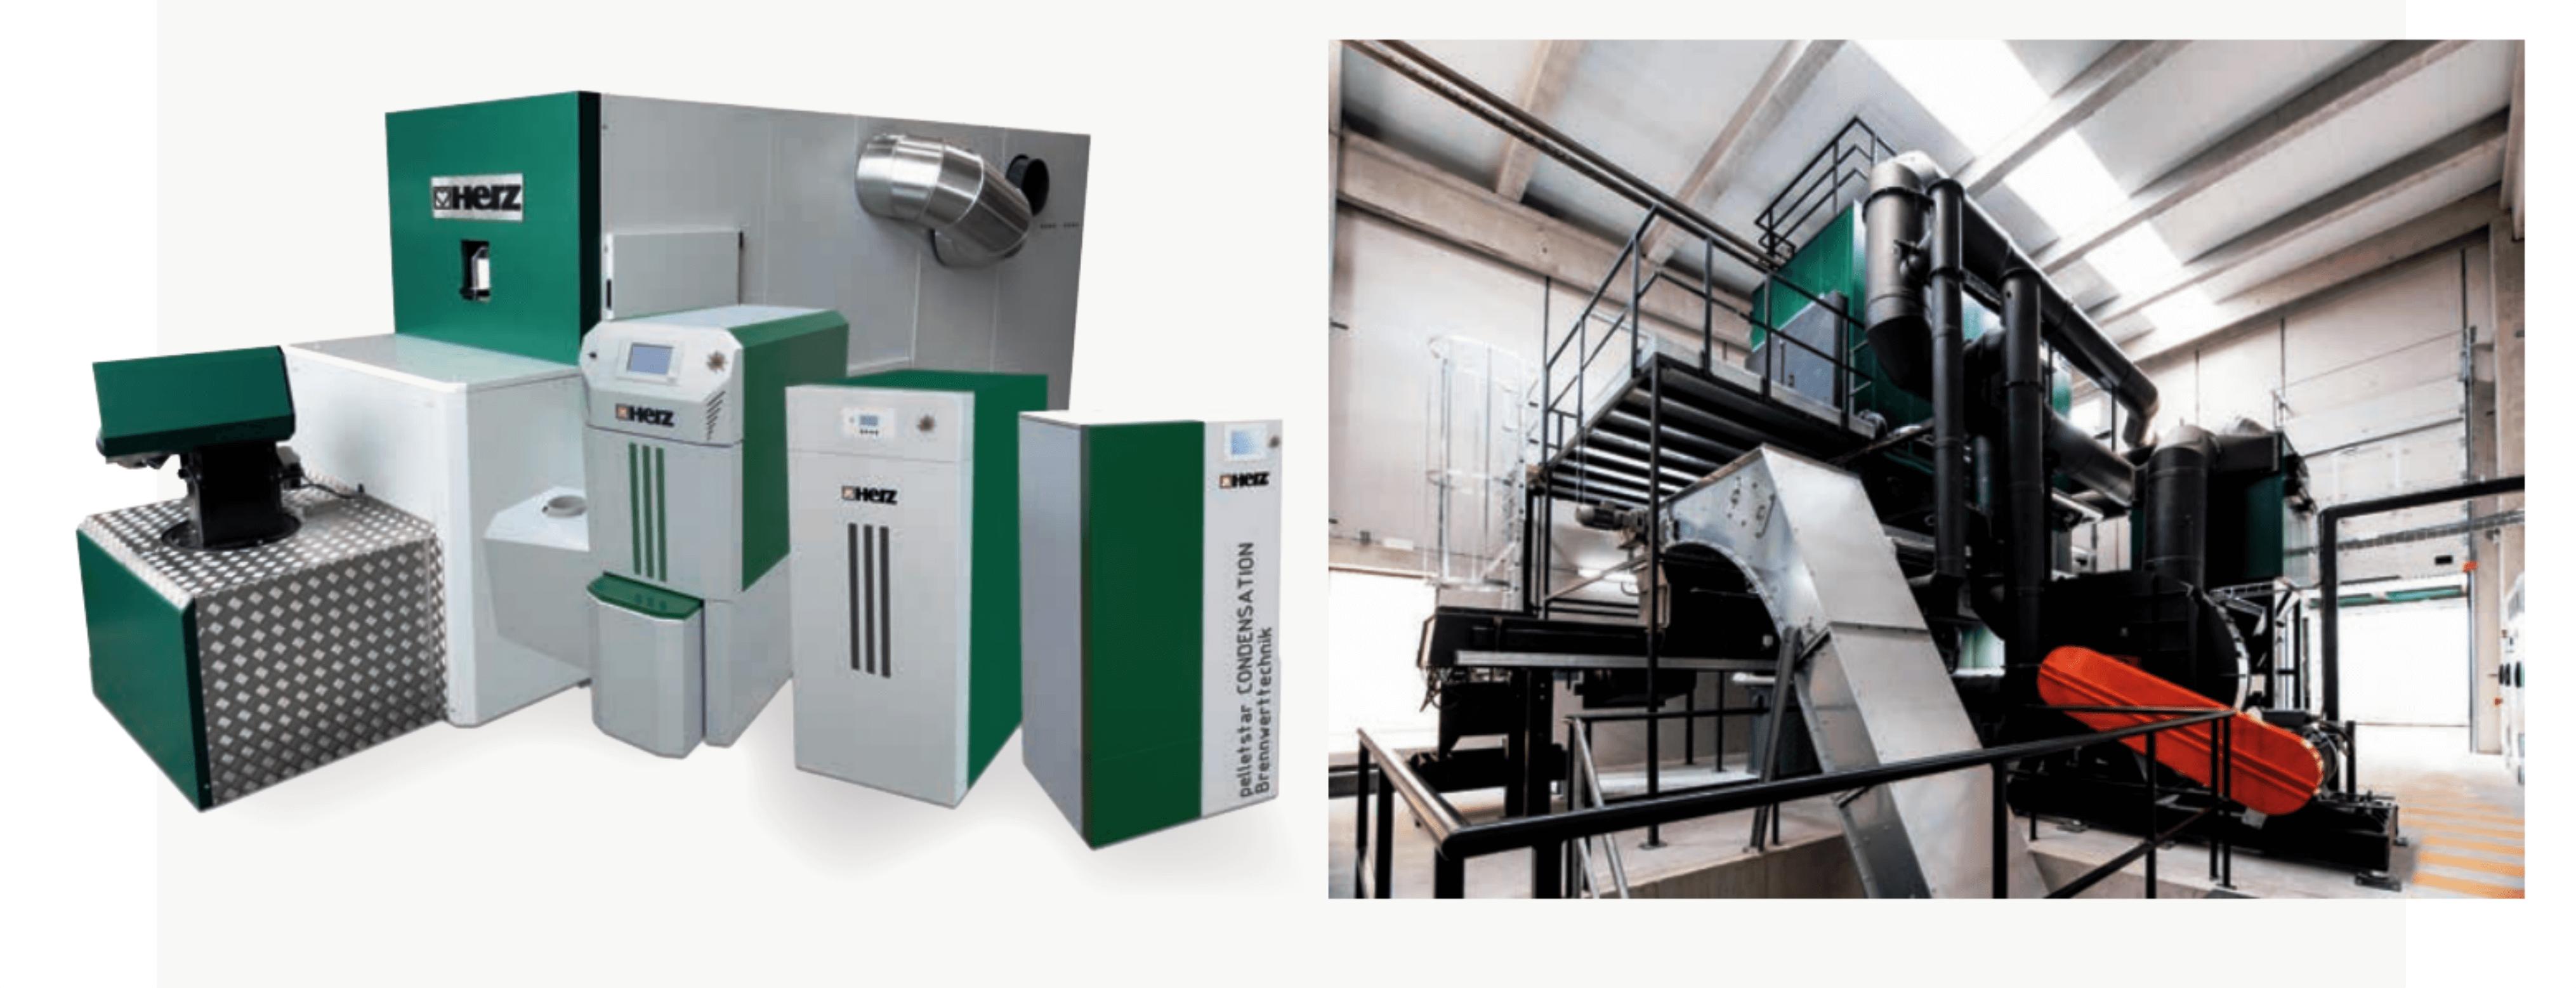 boilers of Termosun